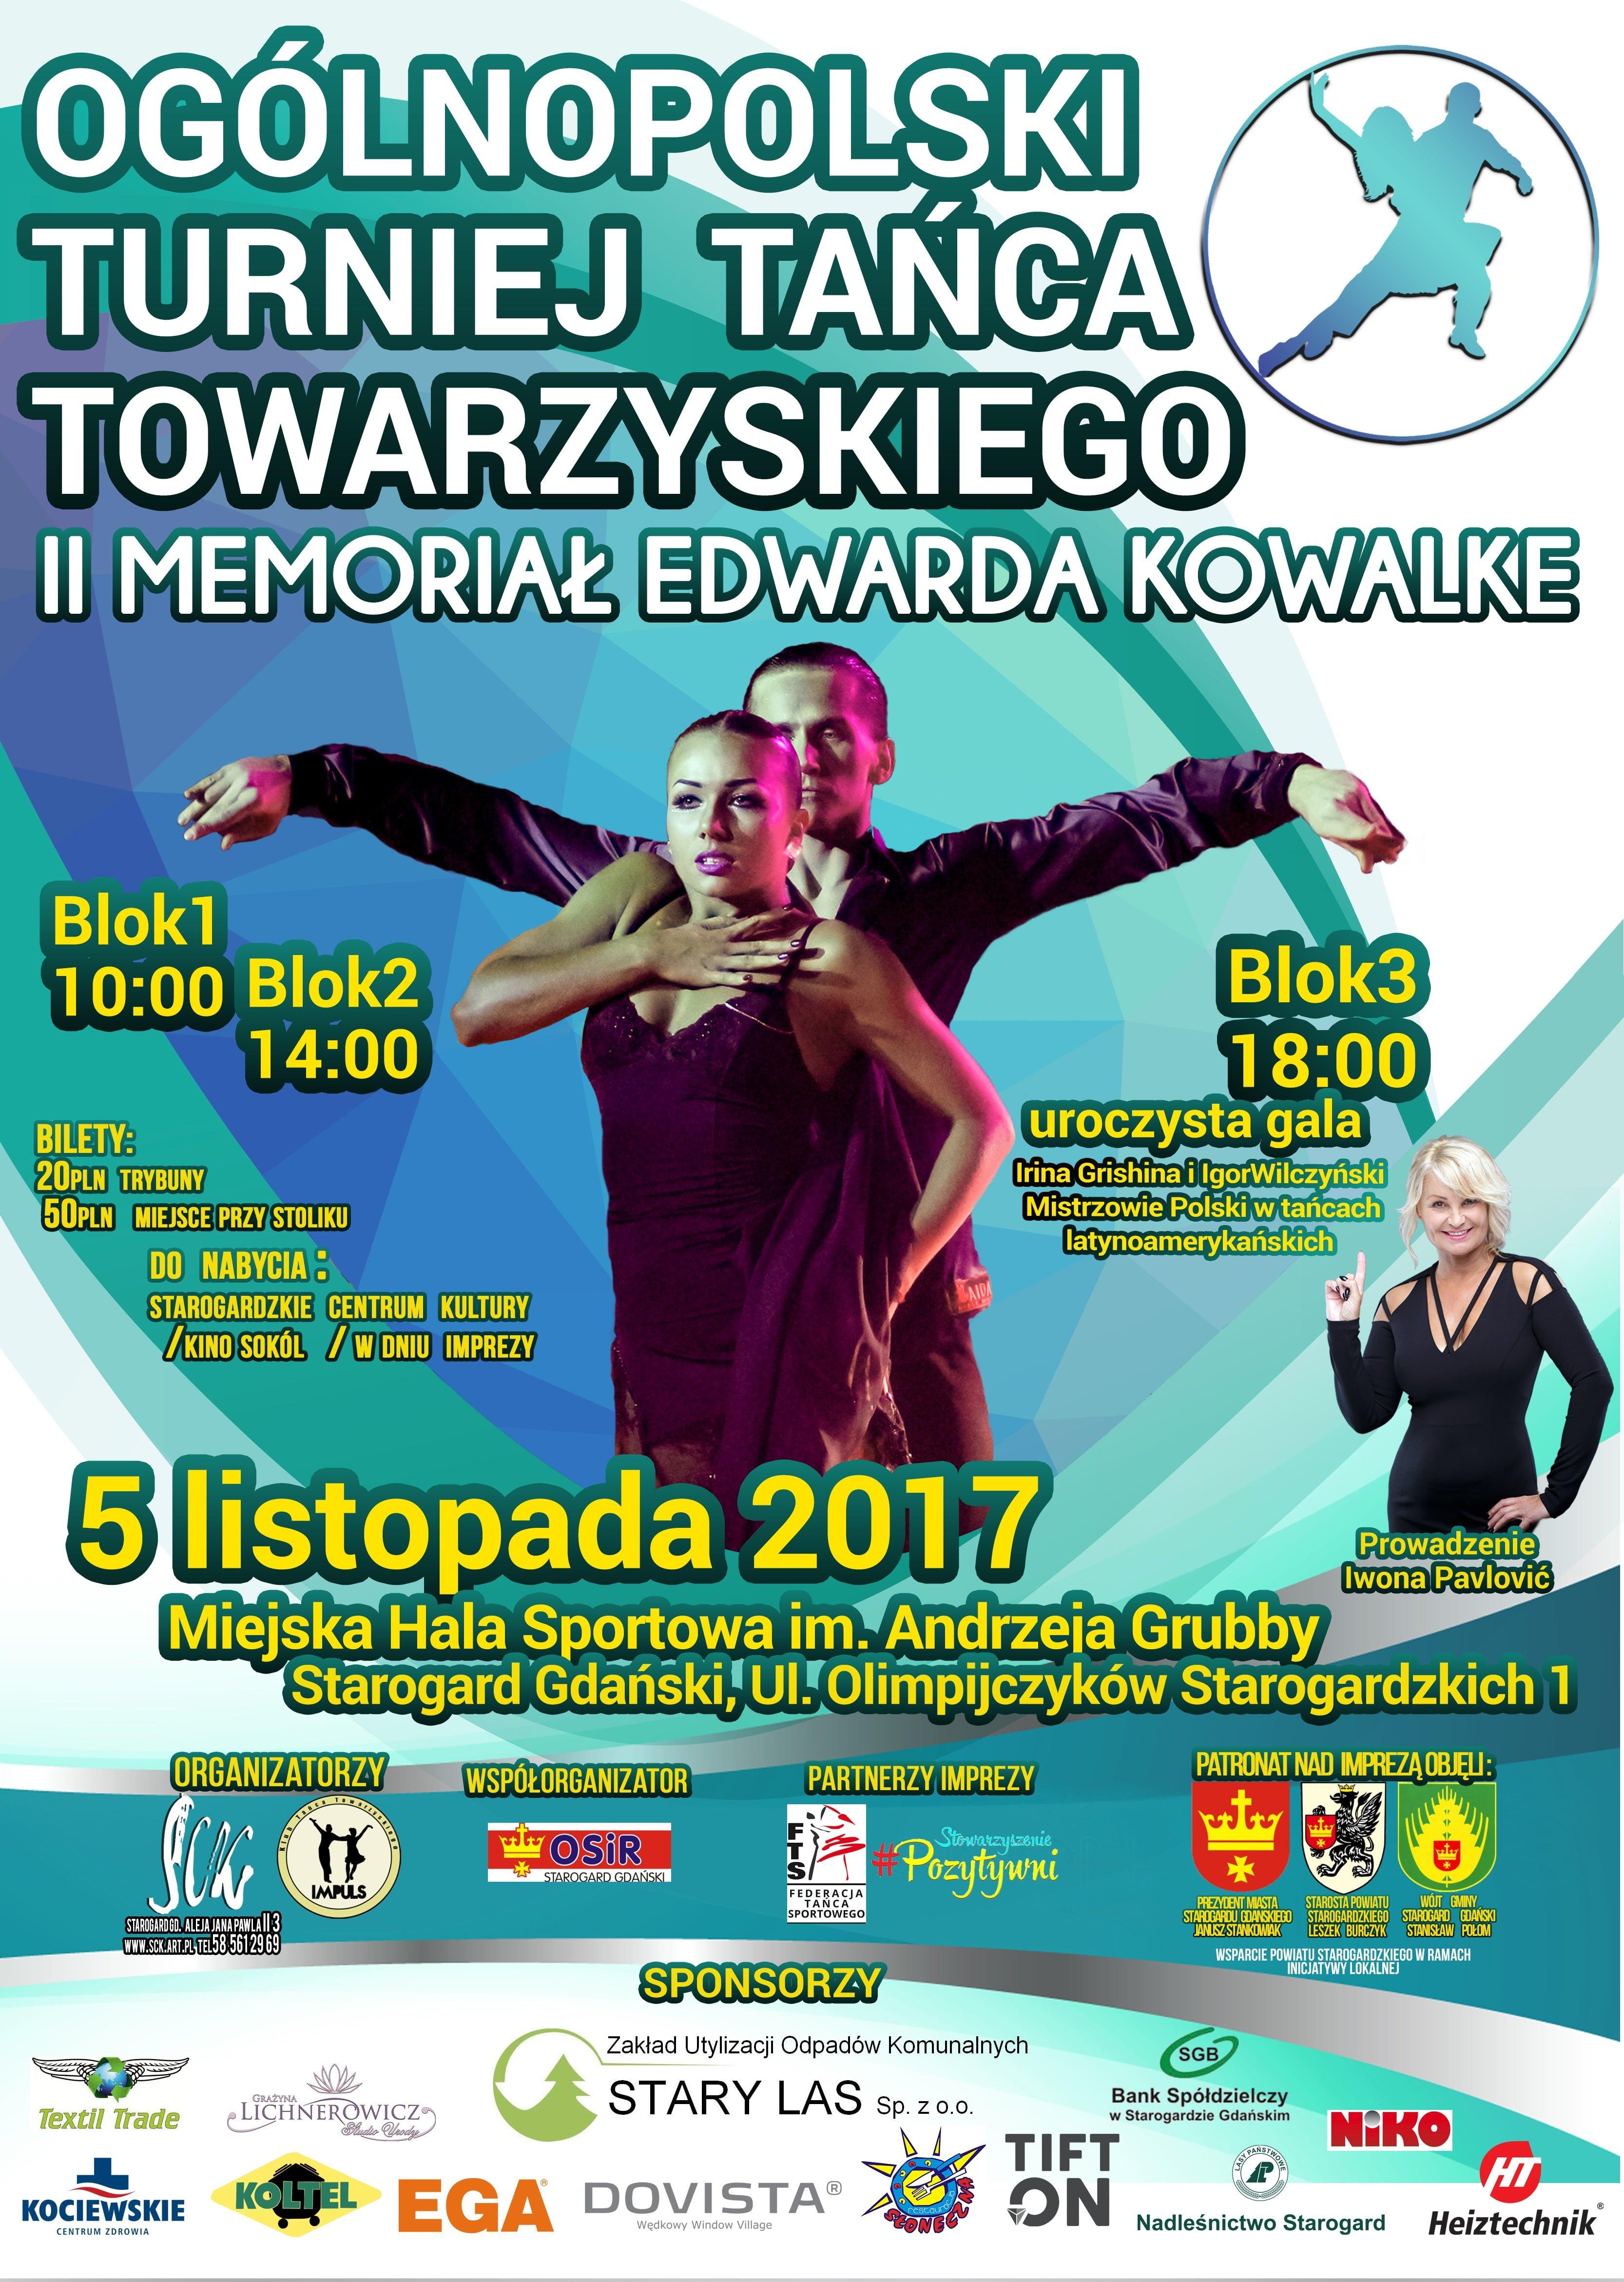 Ogólnopolski Turniej Tańca Towarzyskiego - II Memoriał Edwarda Kowalke